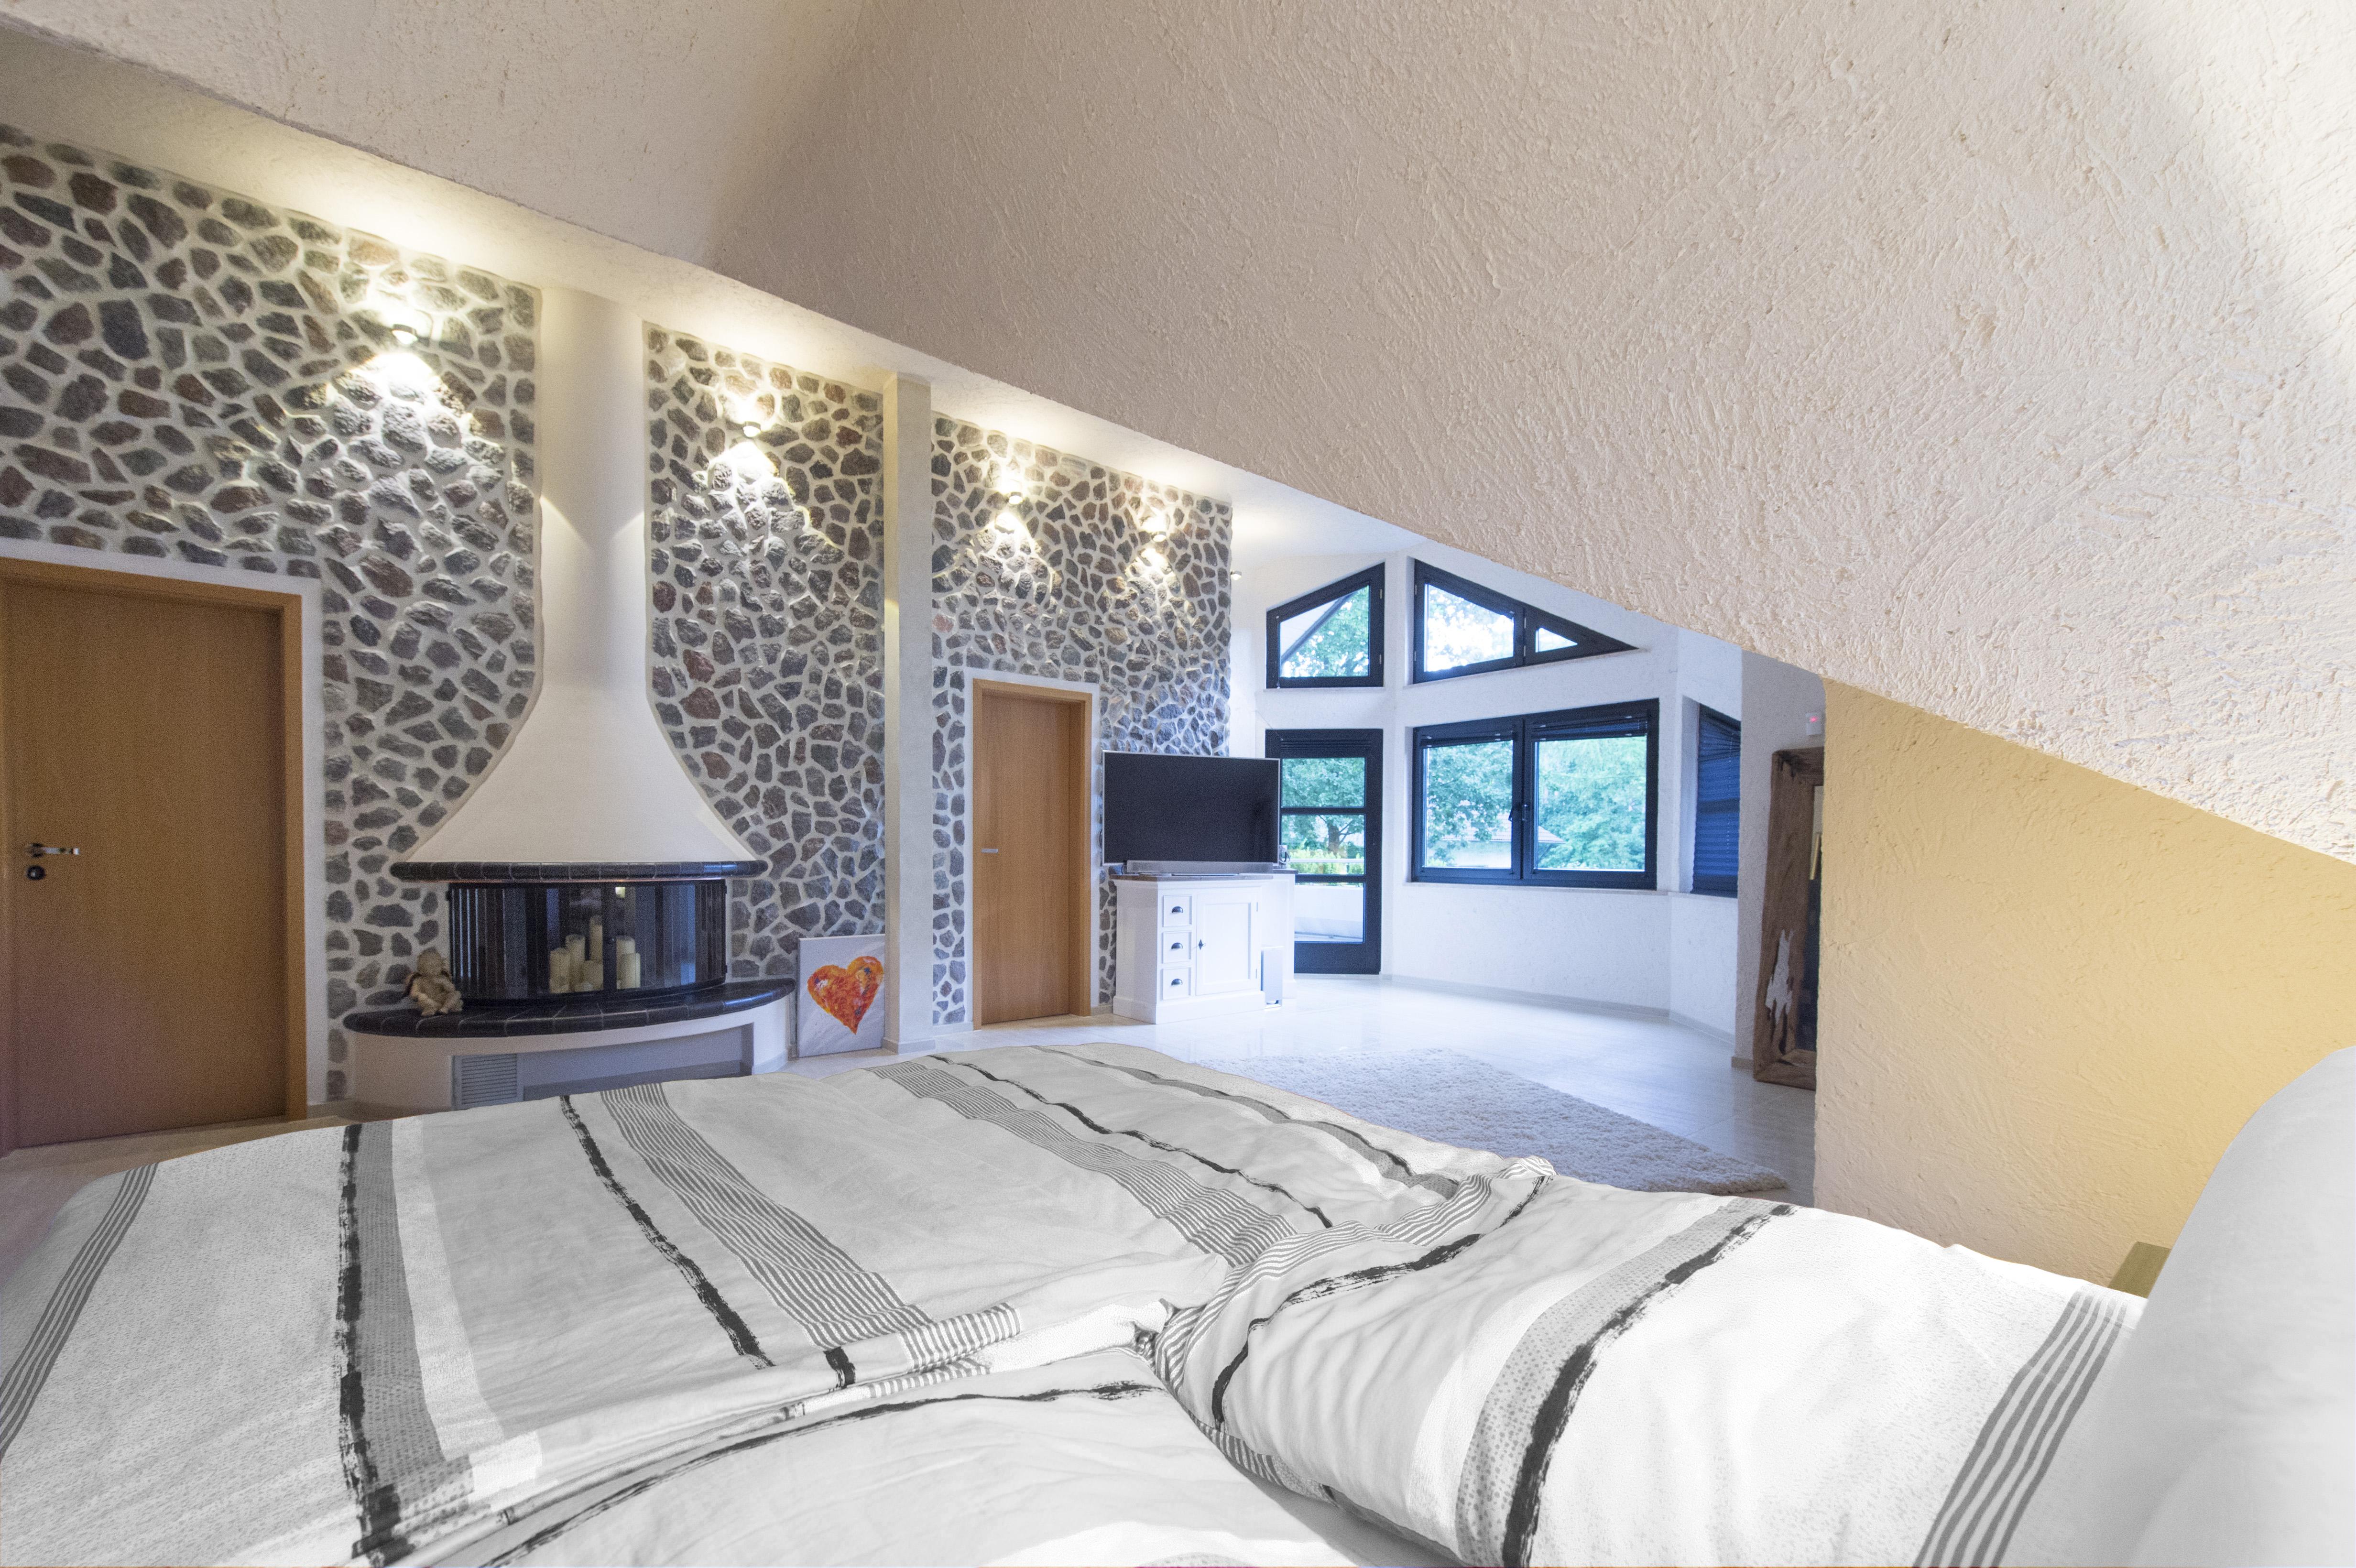 In diesem Schlafzimmer sorgen Farbe und Licht für ein optimales Wohlfühlerlebnis.